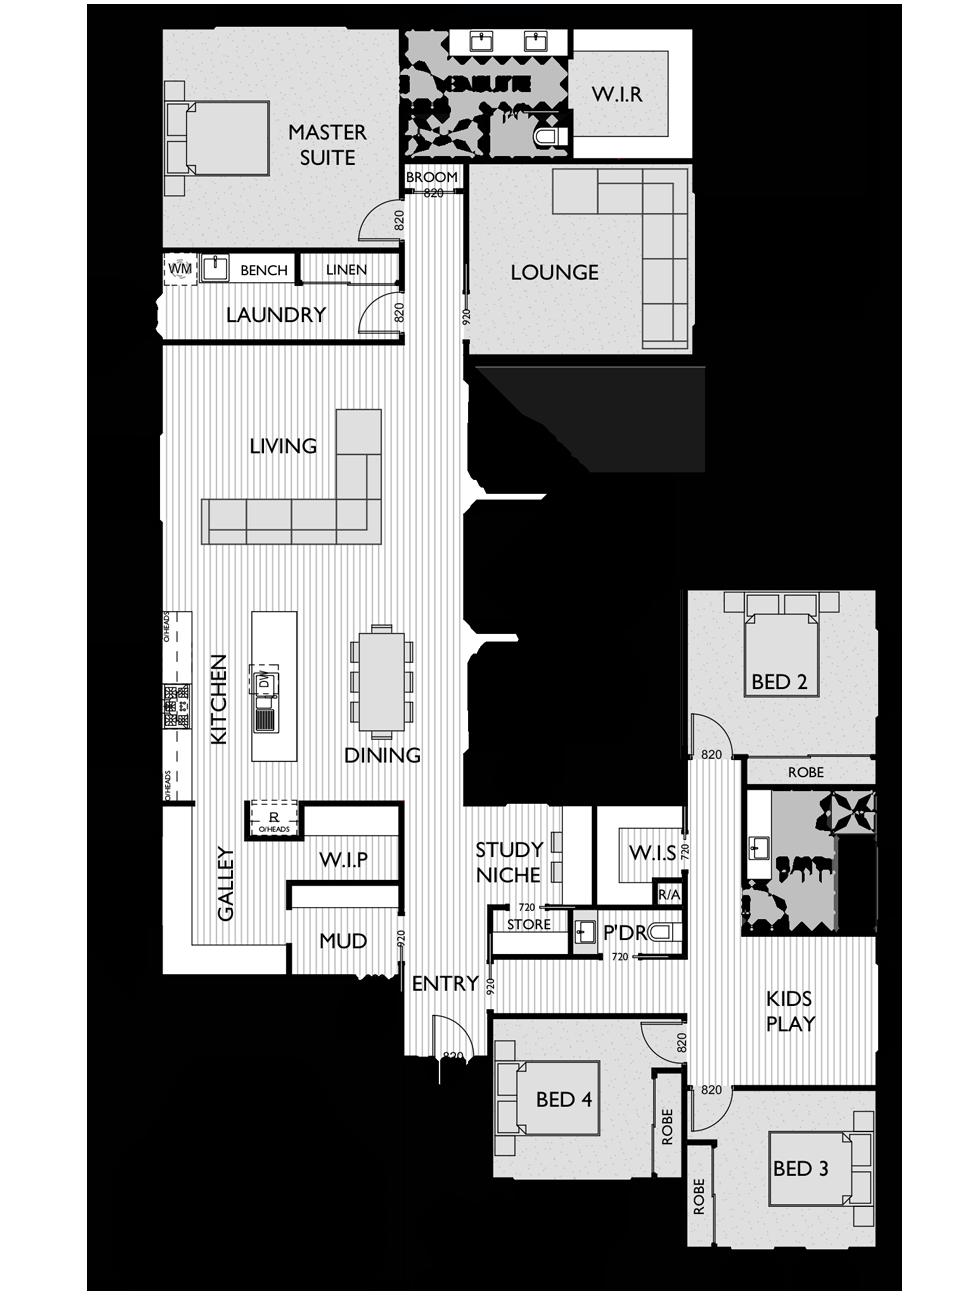 Floor Plan for Virtue Homes McLaren V2 family home